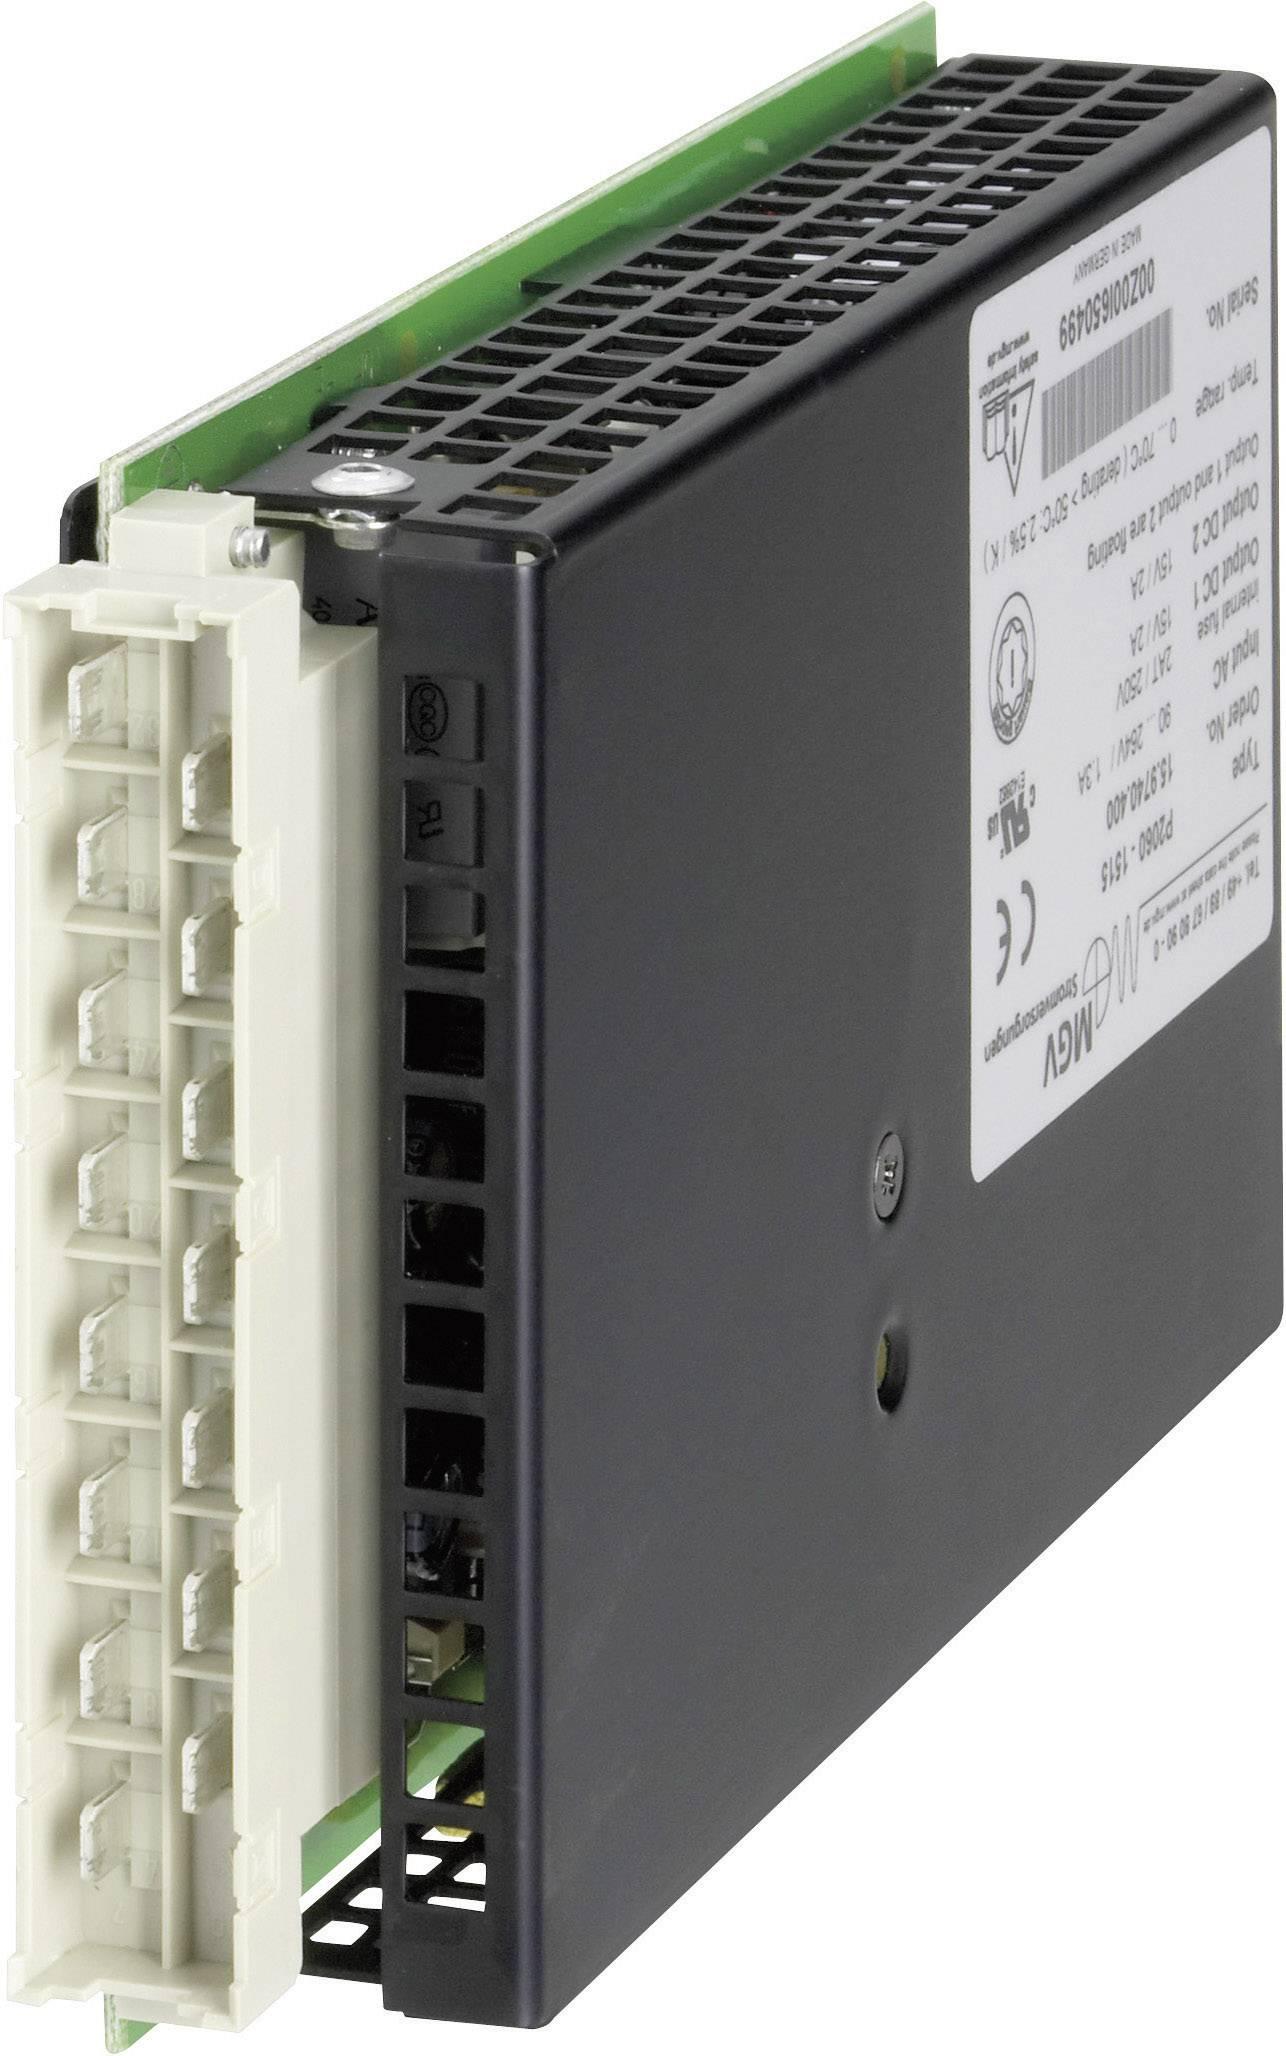 Vestavný spínaný síťový zdroj mgv P60-05101 na DIN lištu, 5V/DC / 10.0 A